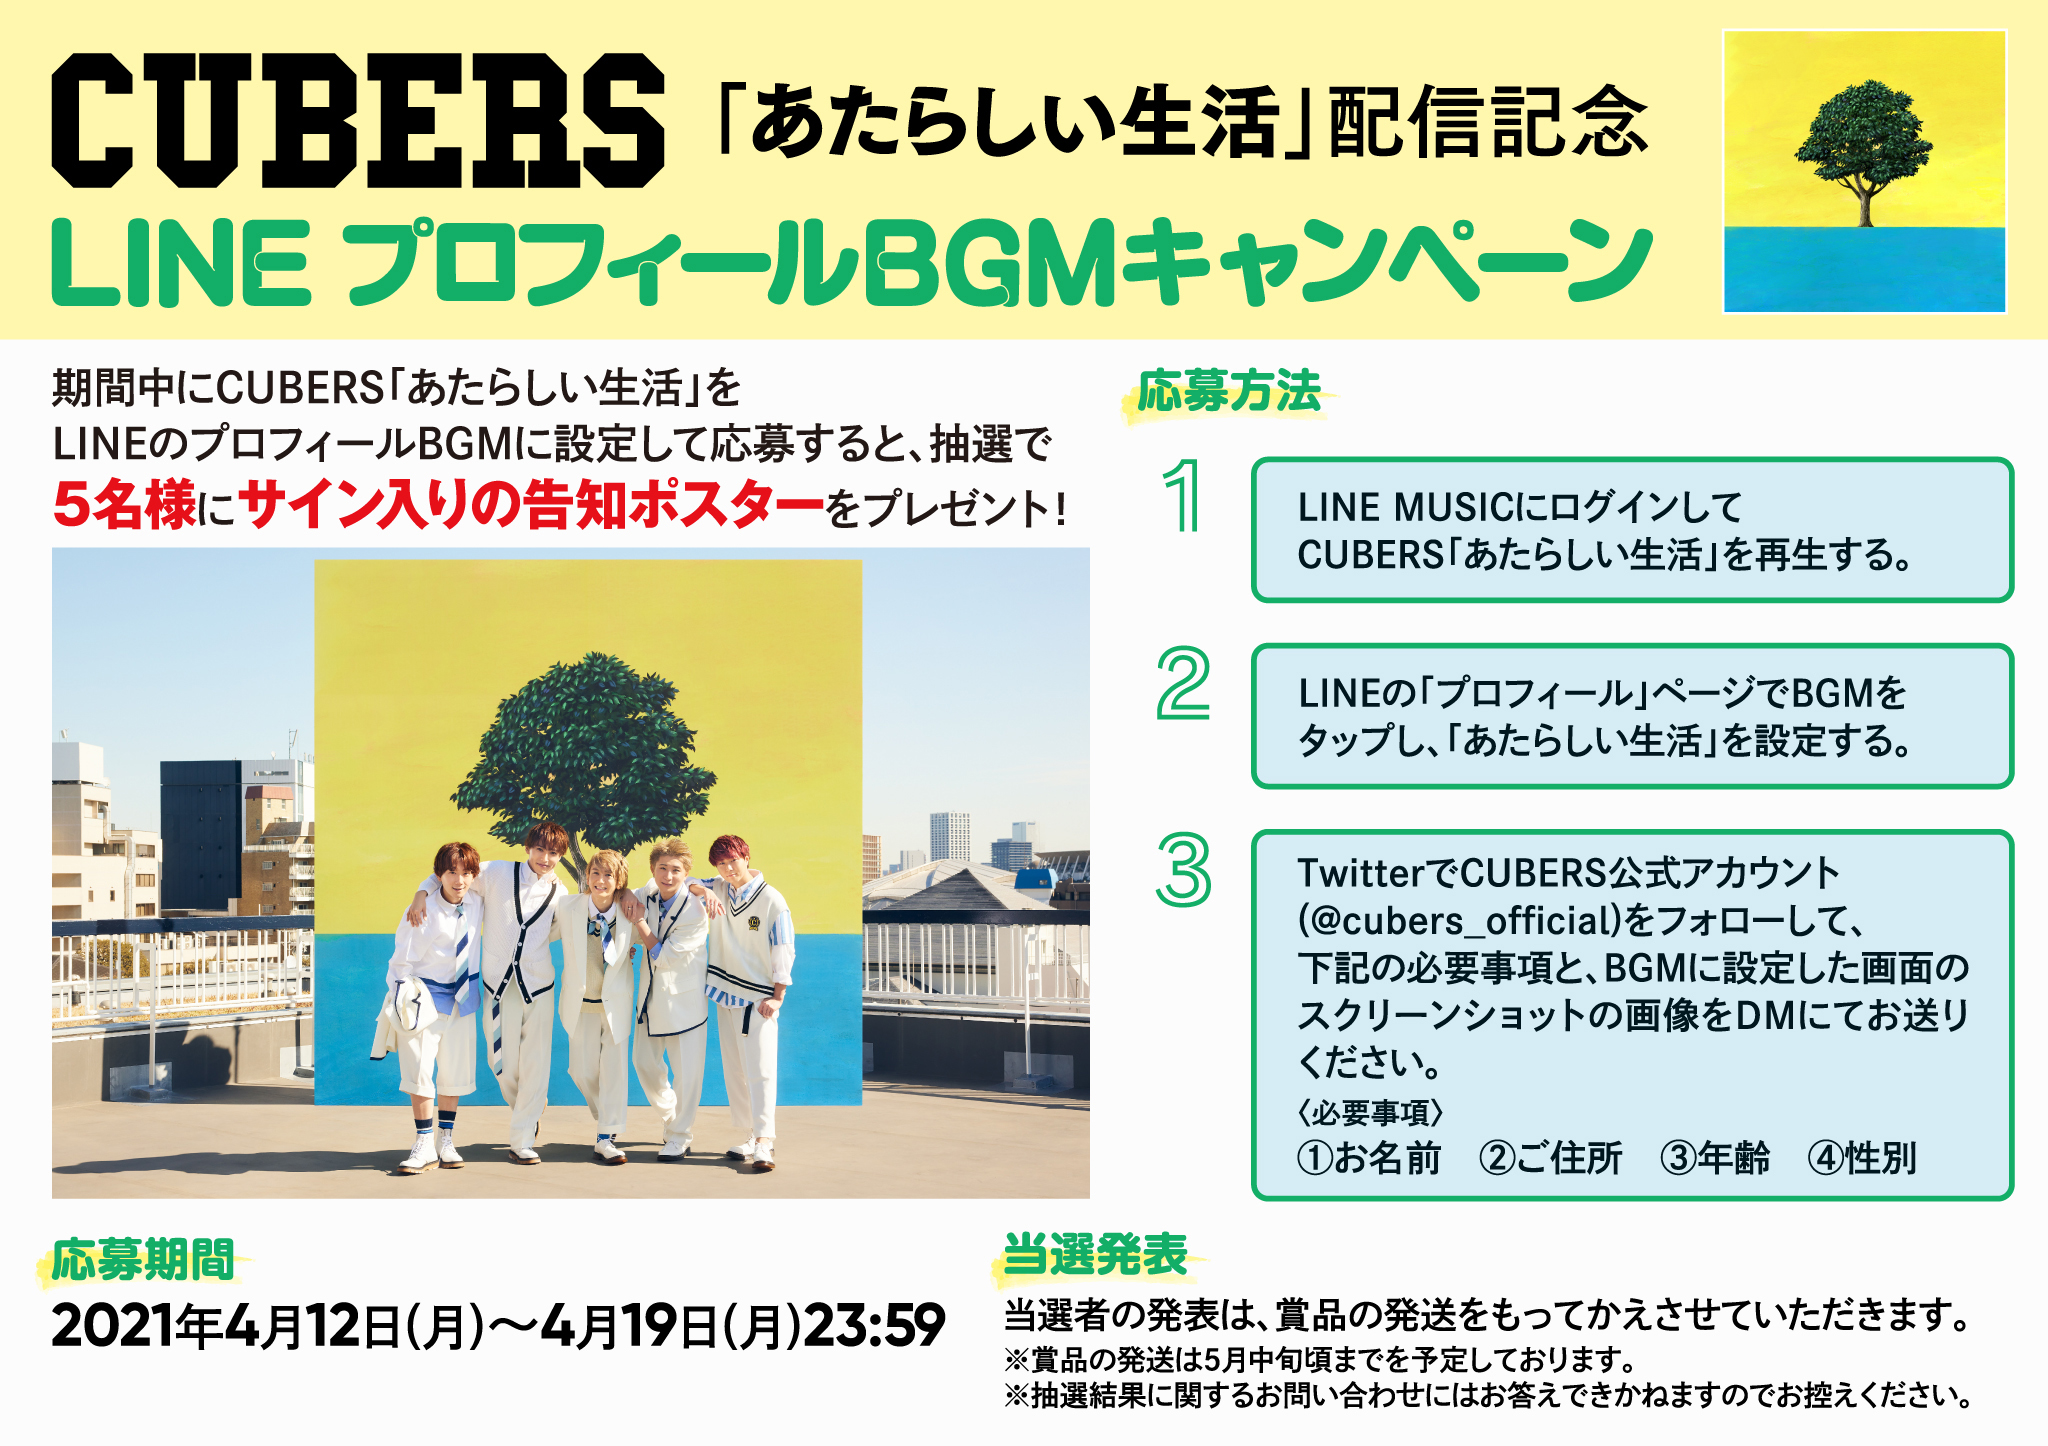 【NEWS】メジャー1stミニアルバム「あたらしい生活」配信記念LINEプロフィールBGMキャンペーンの実施が決定!